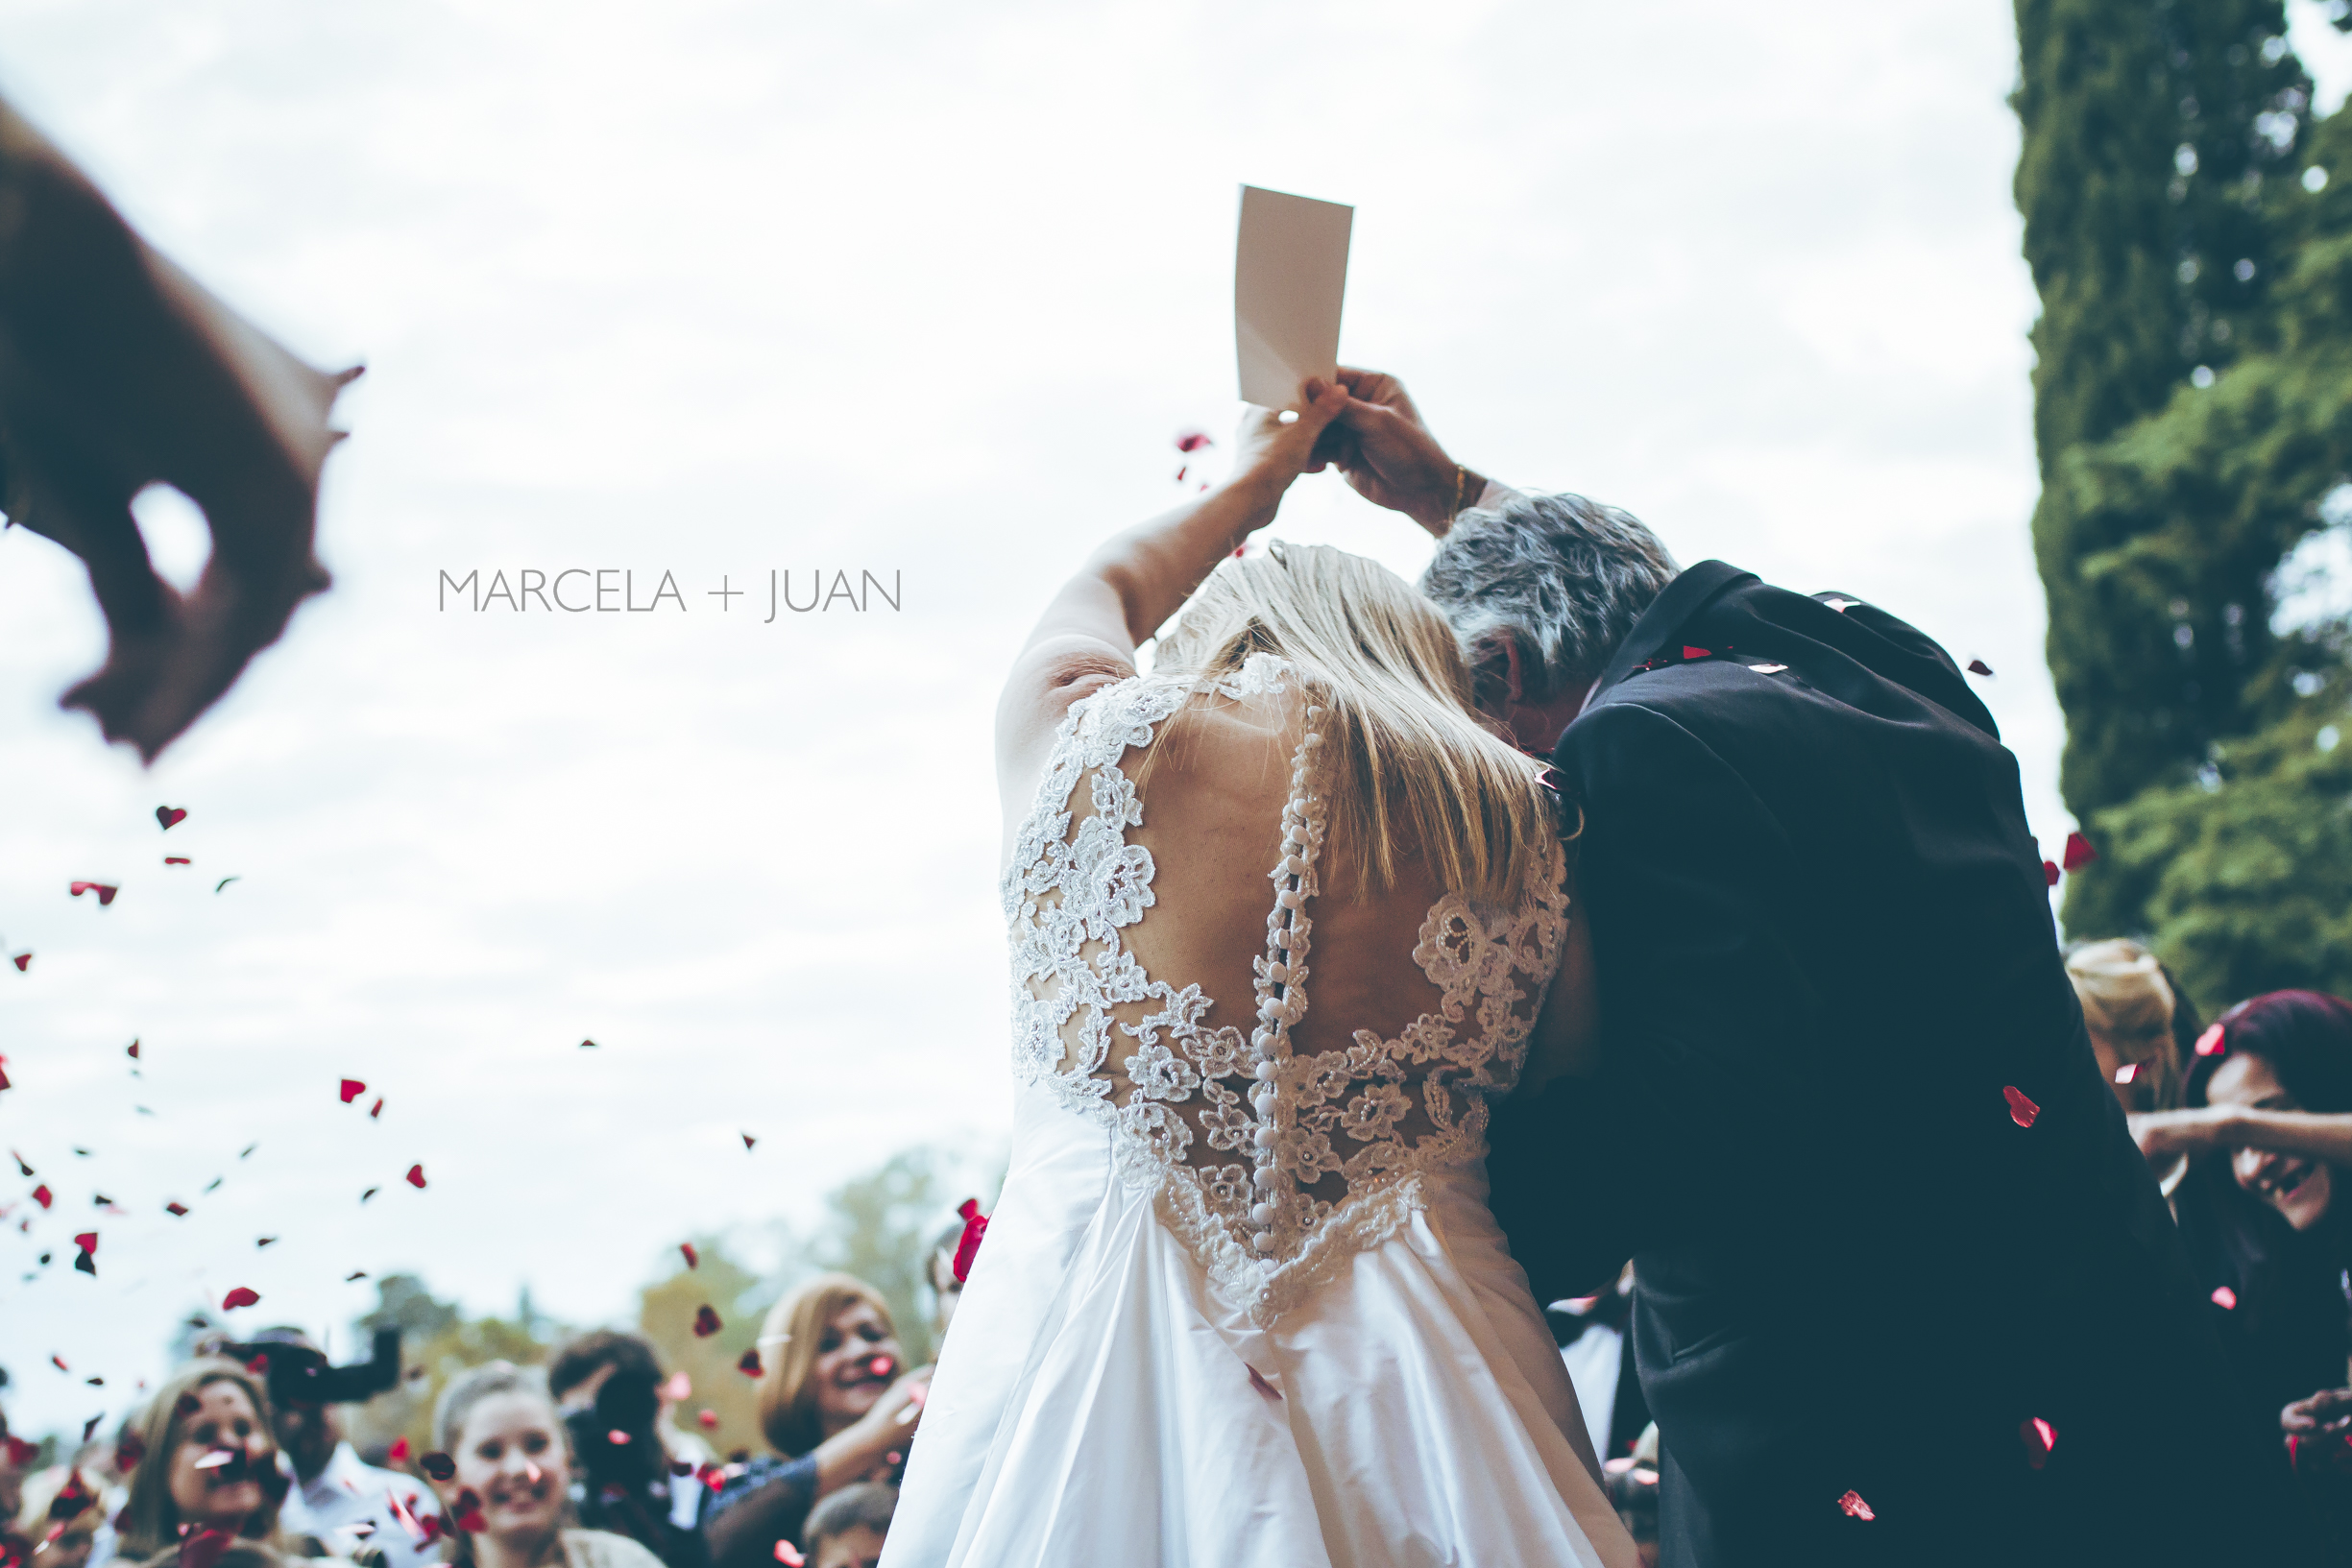 Juan + Marcela